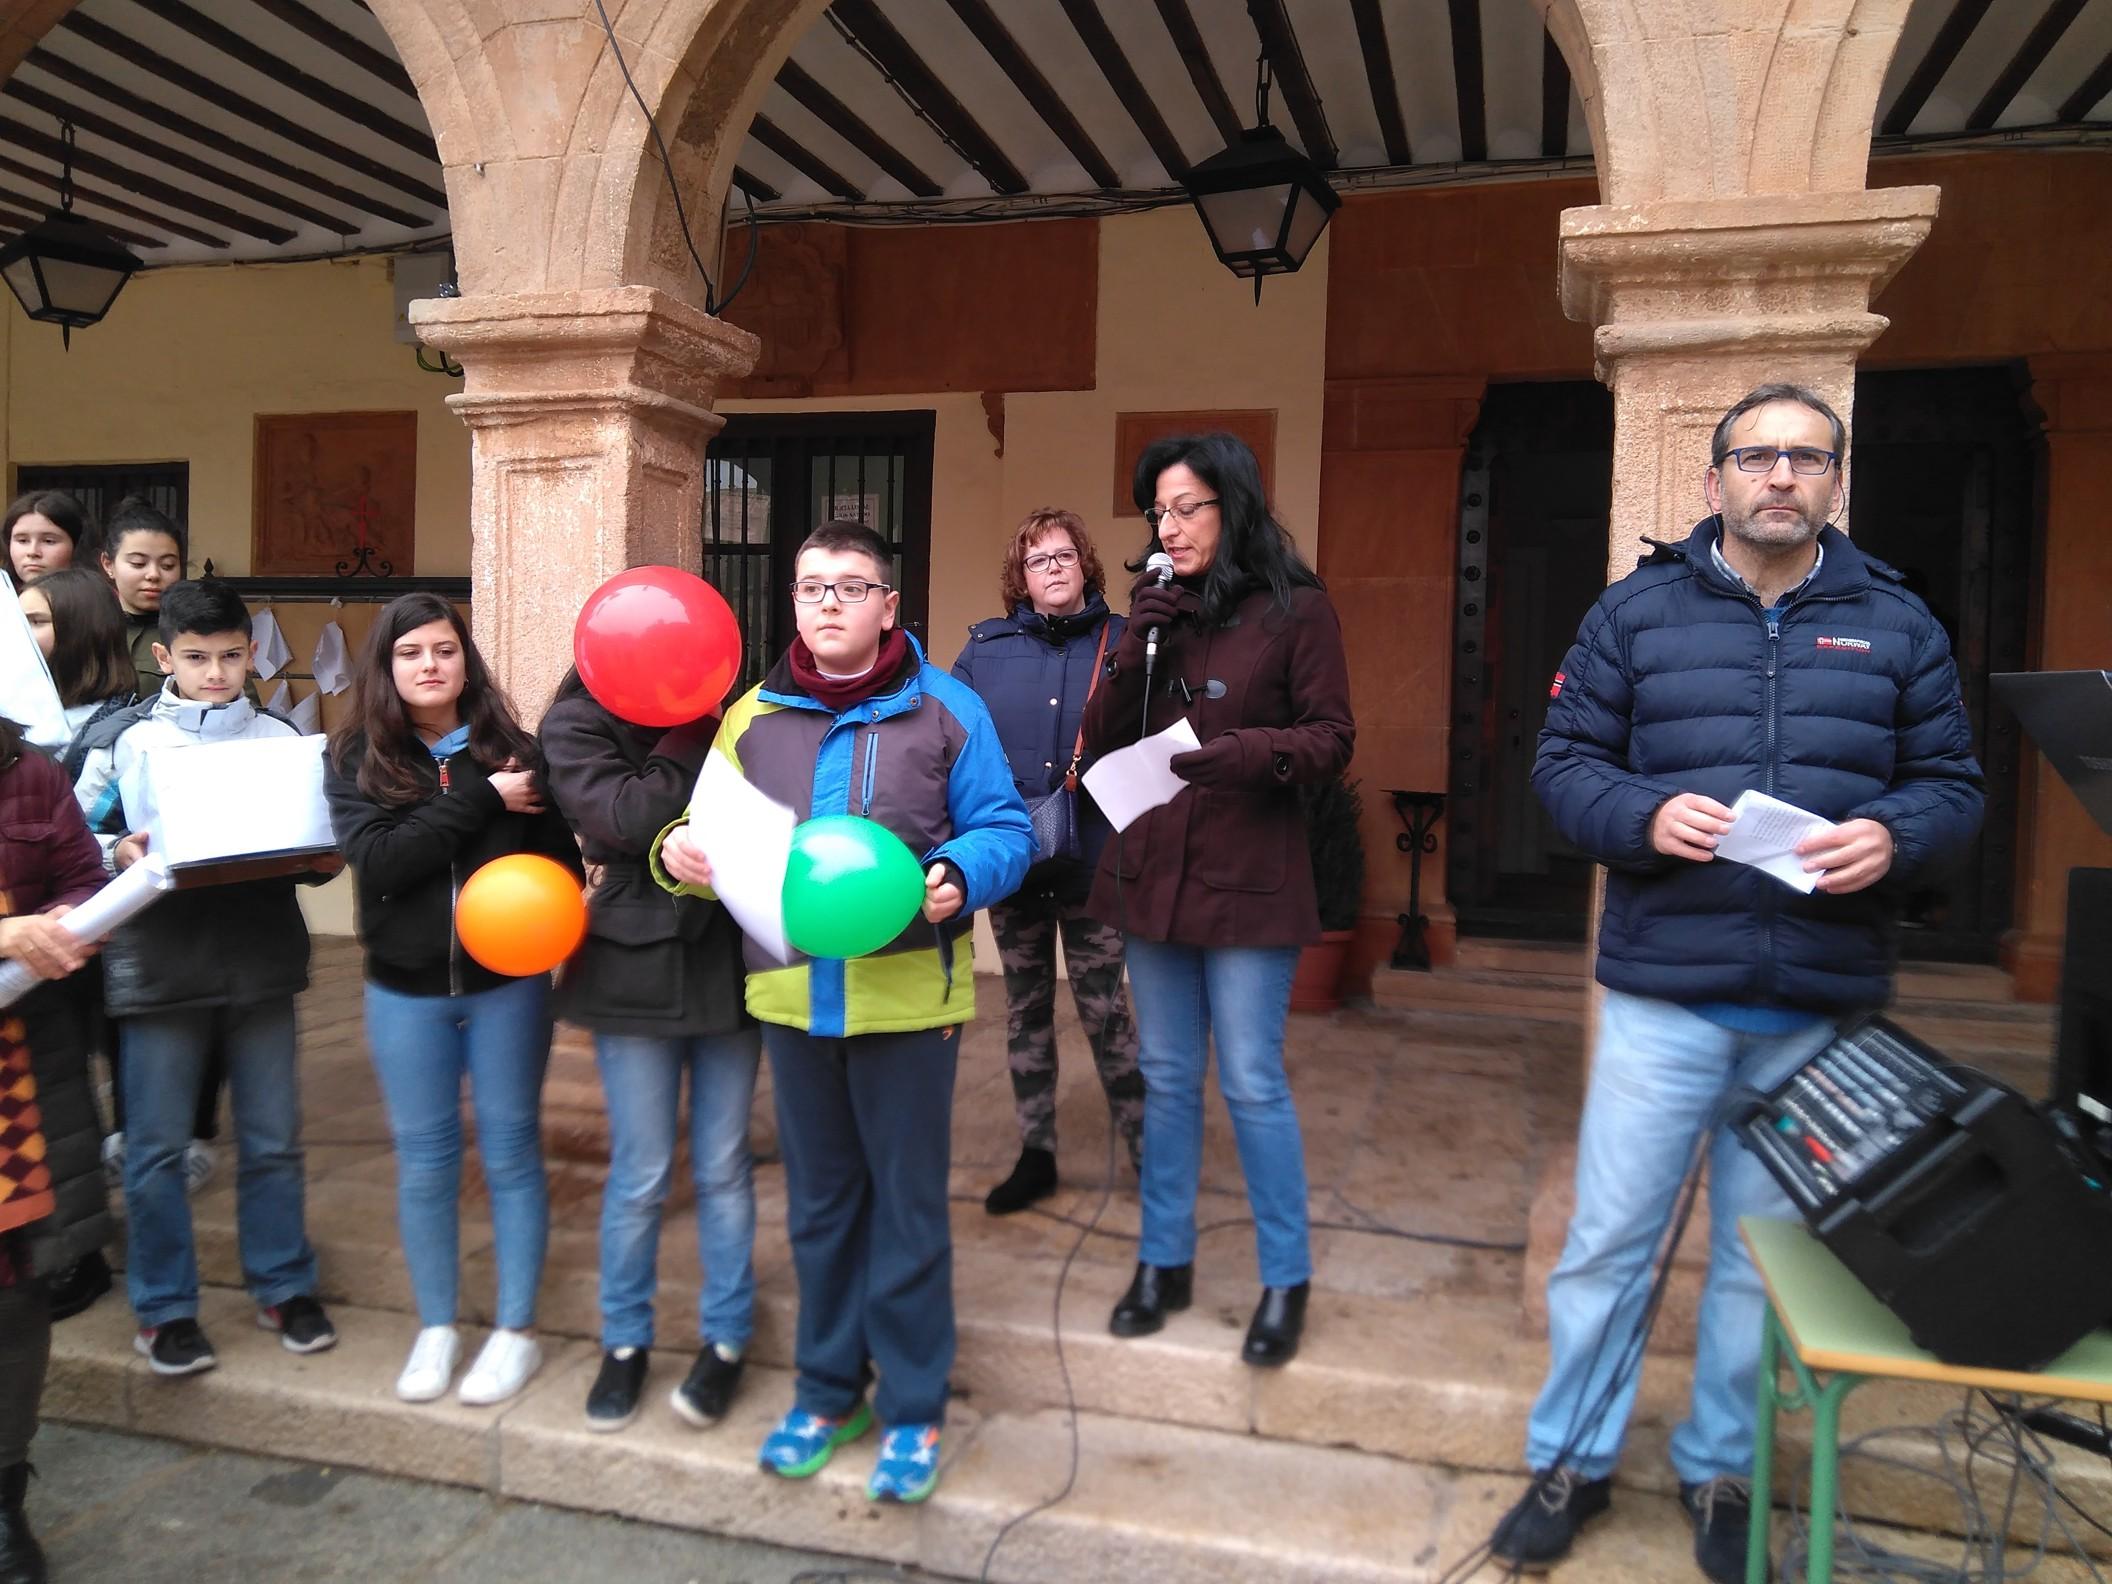 Celebración del Día de la Paz por parte de la Comunidad Educativa de Villanueva de los Infantes